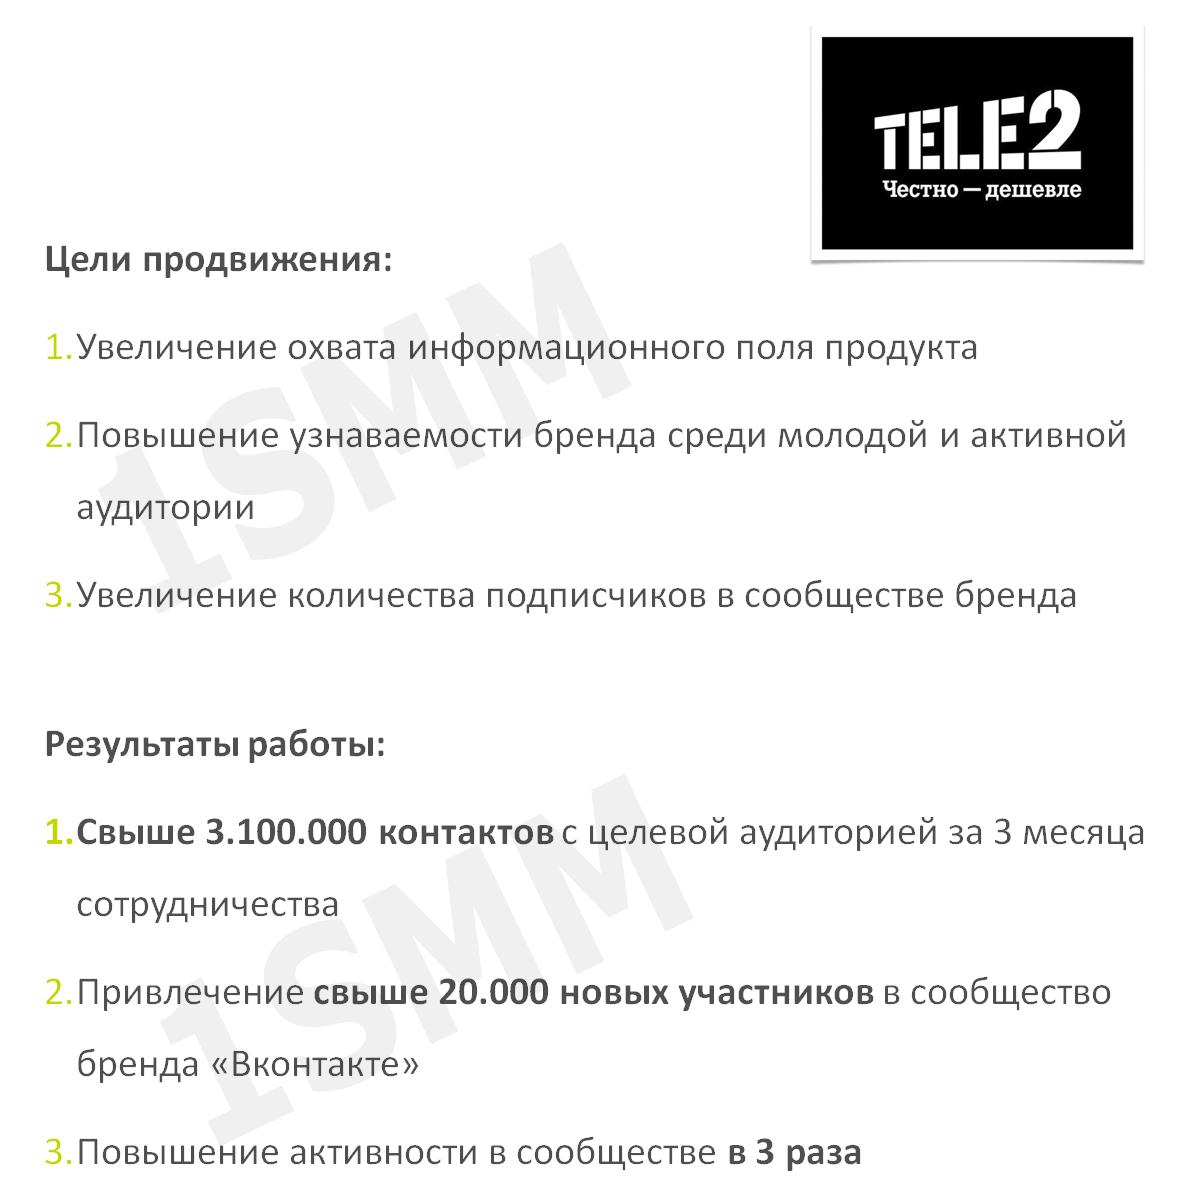 Повышение узнаваемости бренда «Tele2.Гудок» в социальных медиа